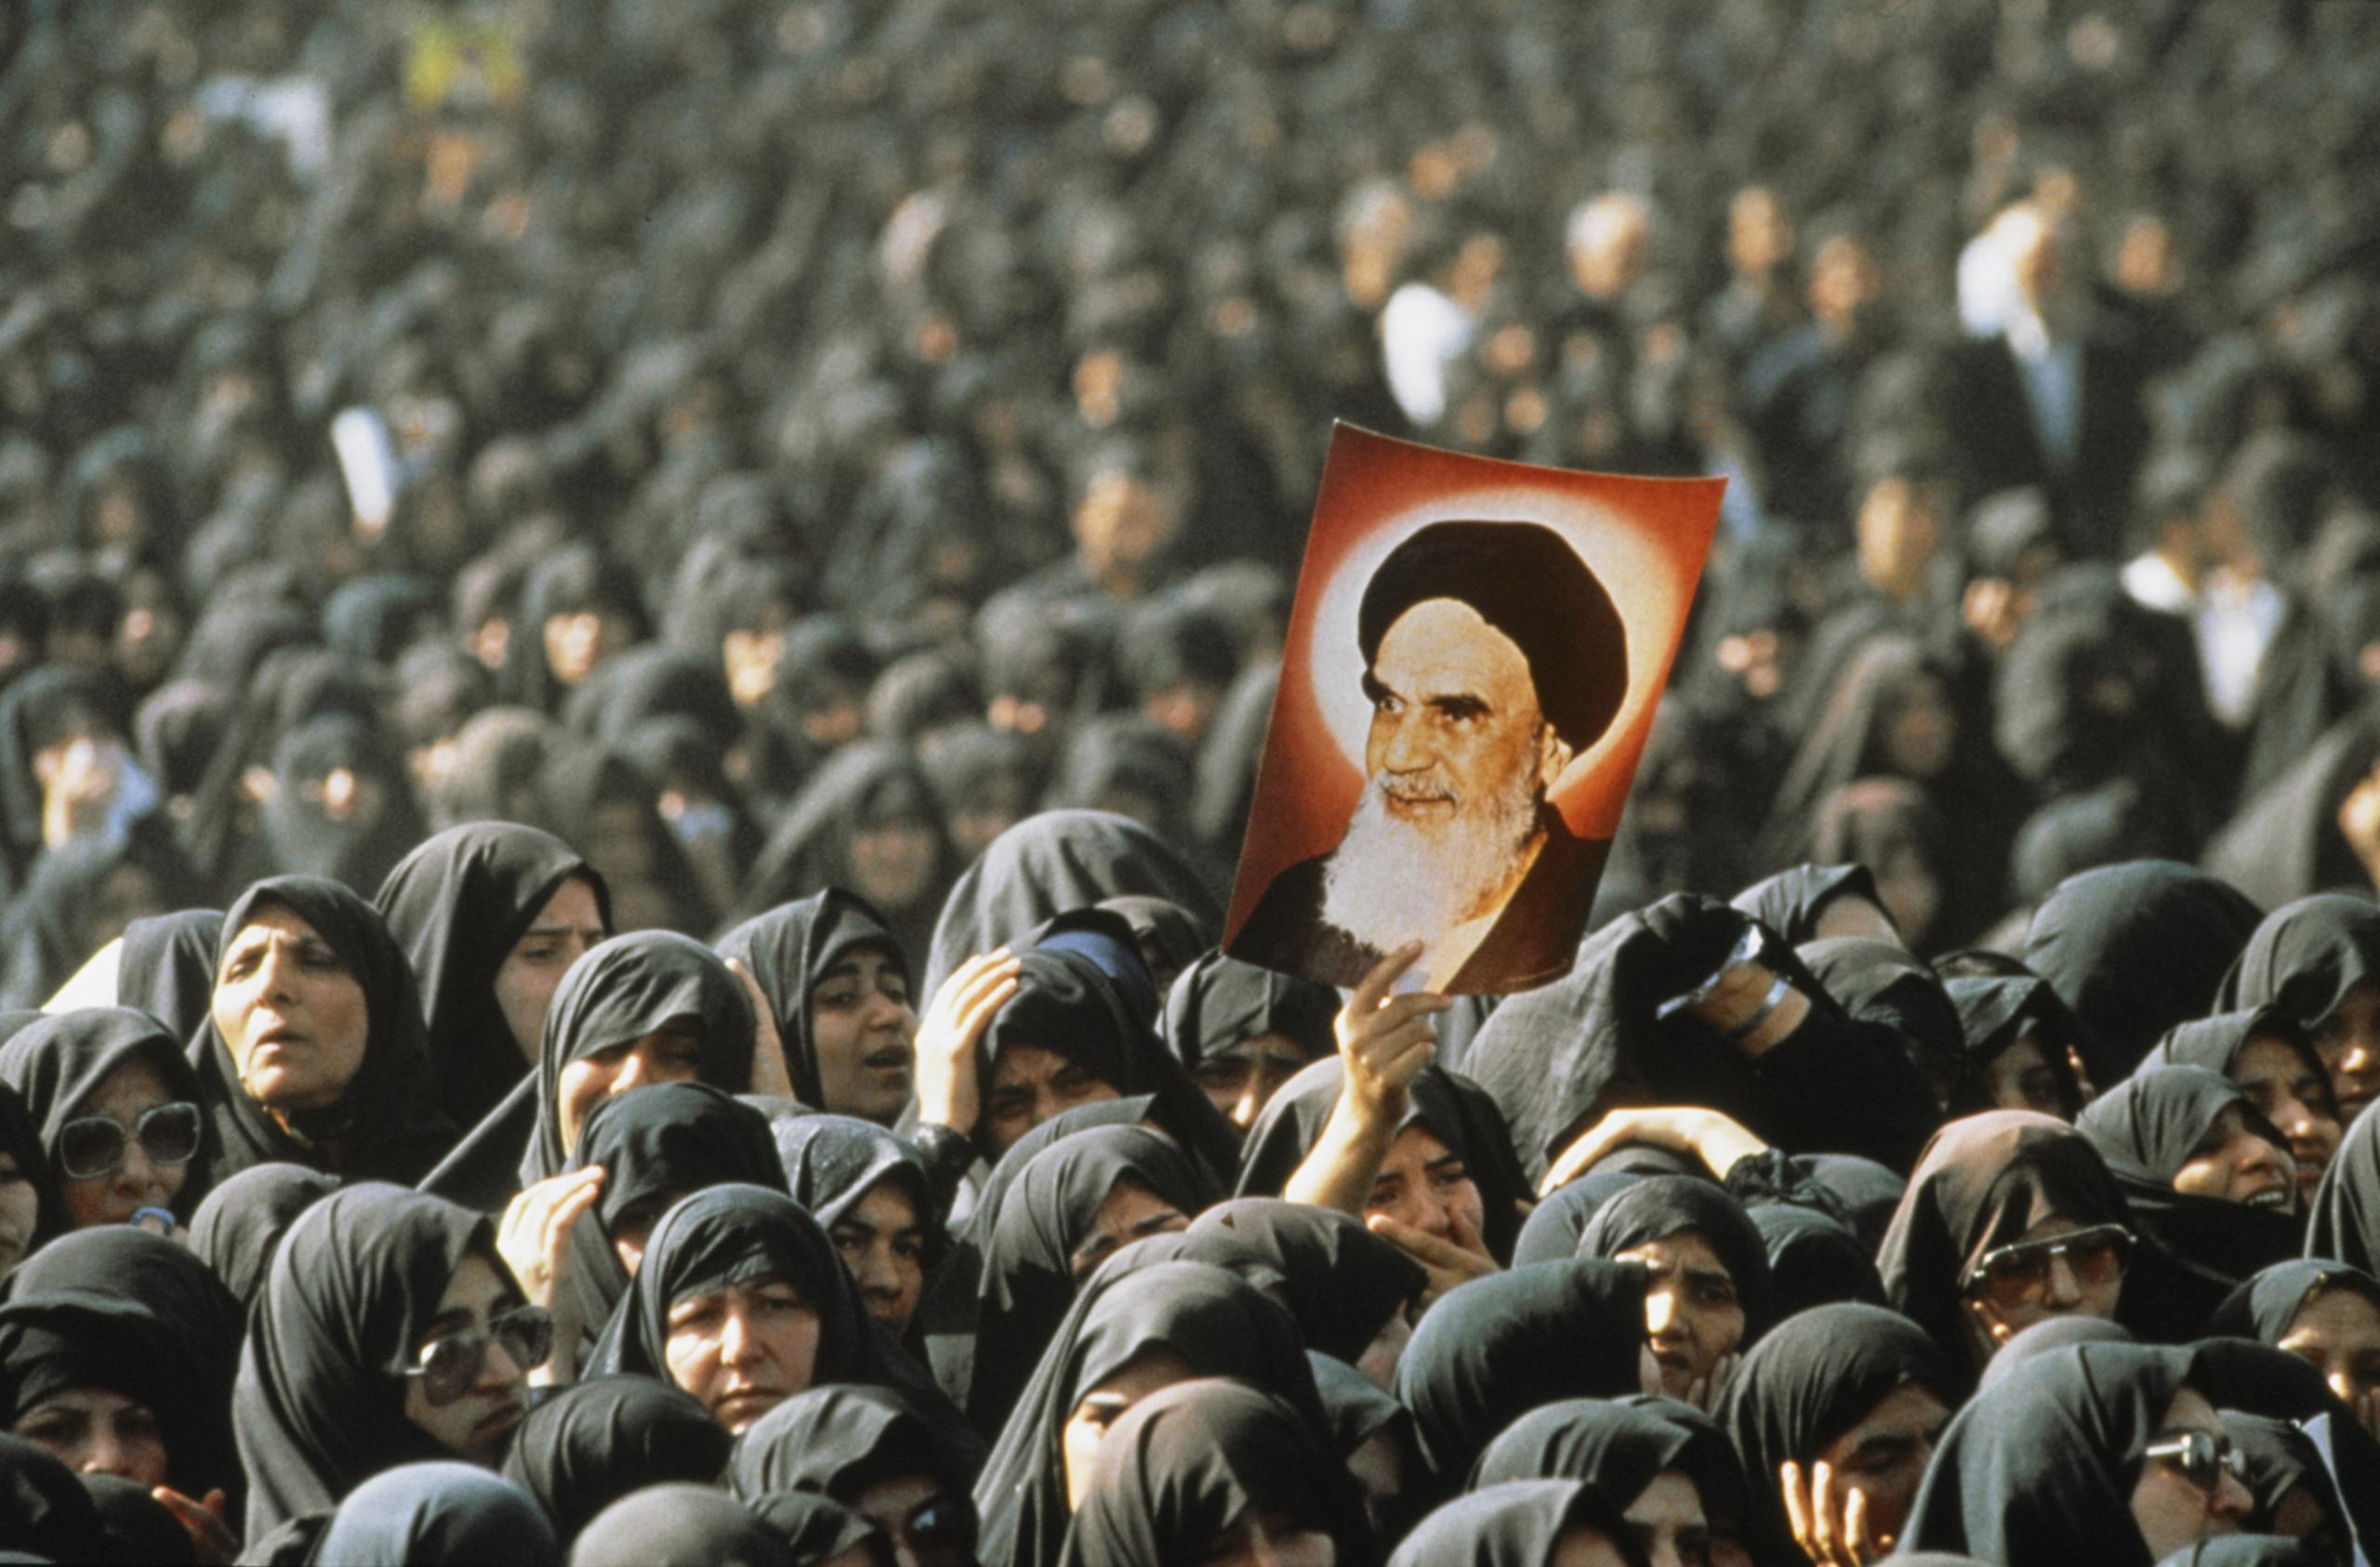 عکس های رحلت امام خمینی